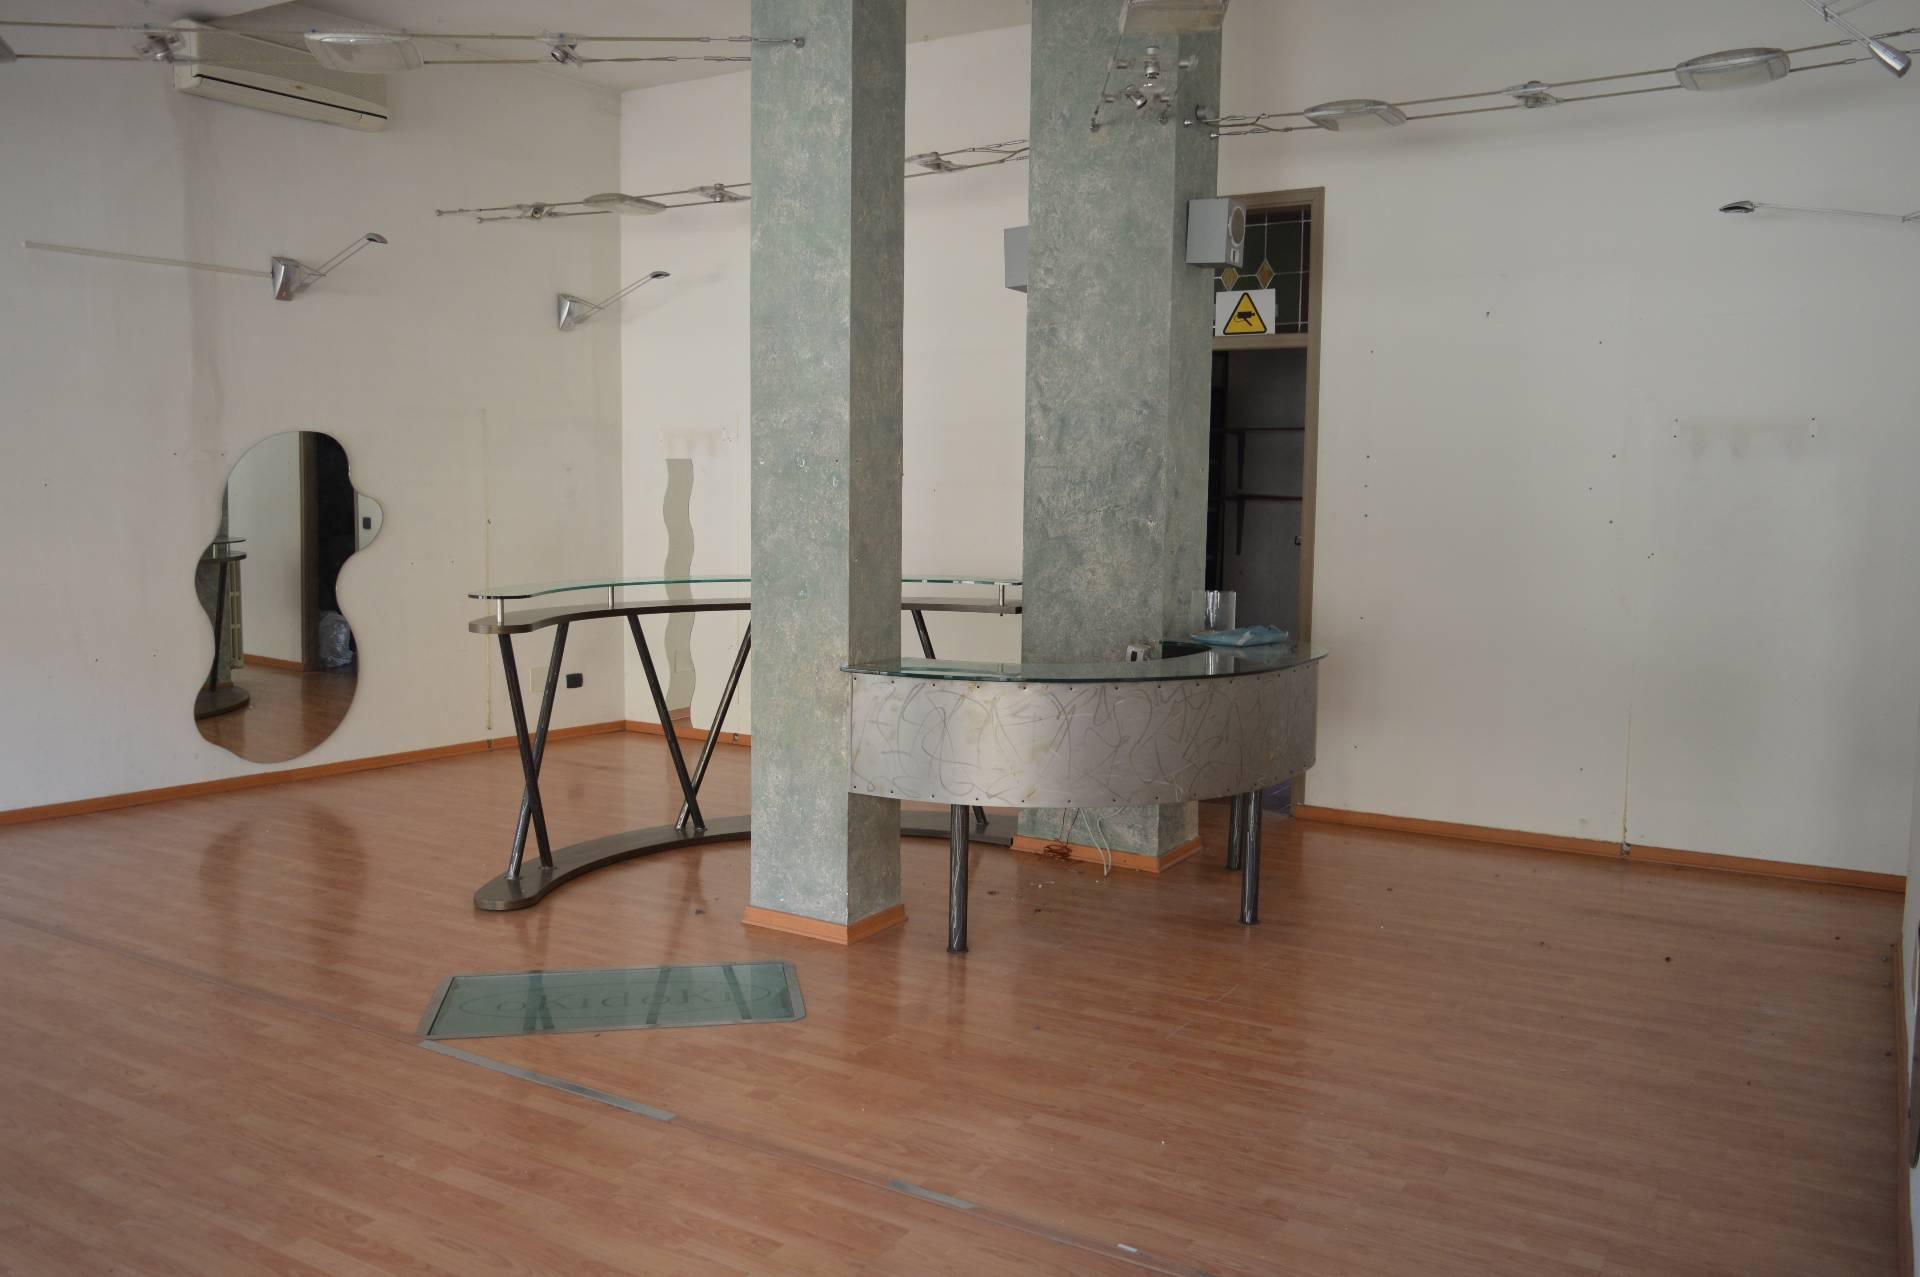 Negozio / Locale in vendita a Caselle Torinese, 9999 locali, prezzo € 82.000 | PortaleAgenzieImmobiliari.it